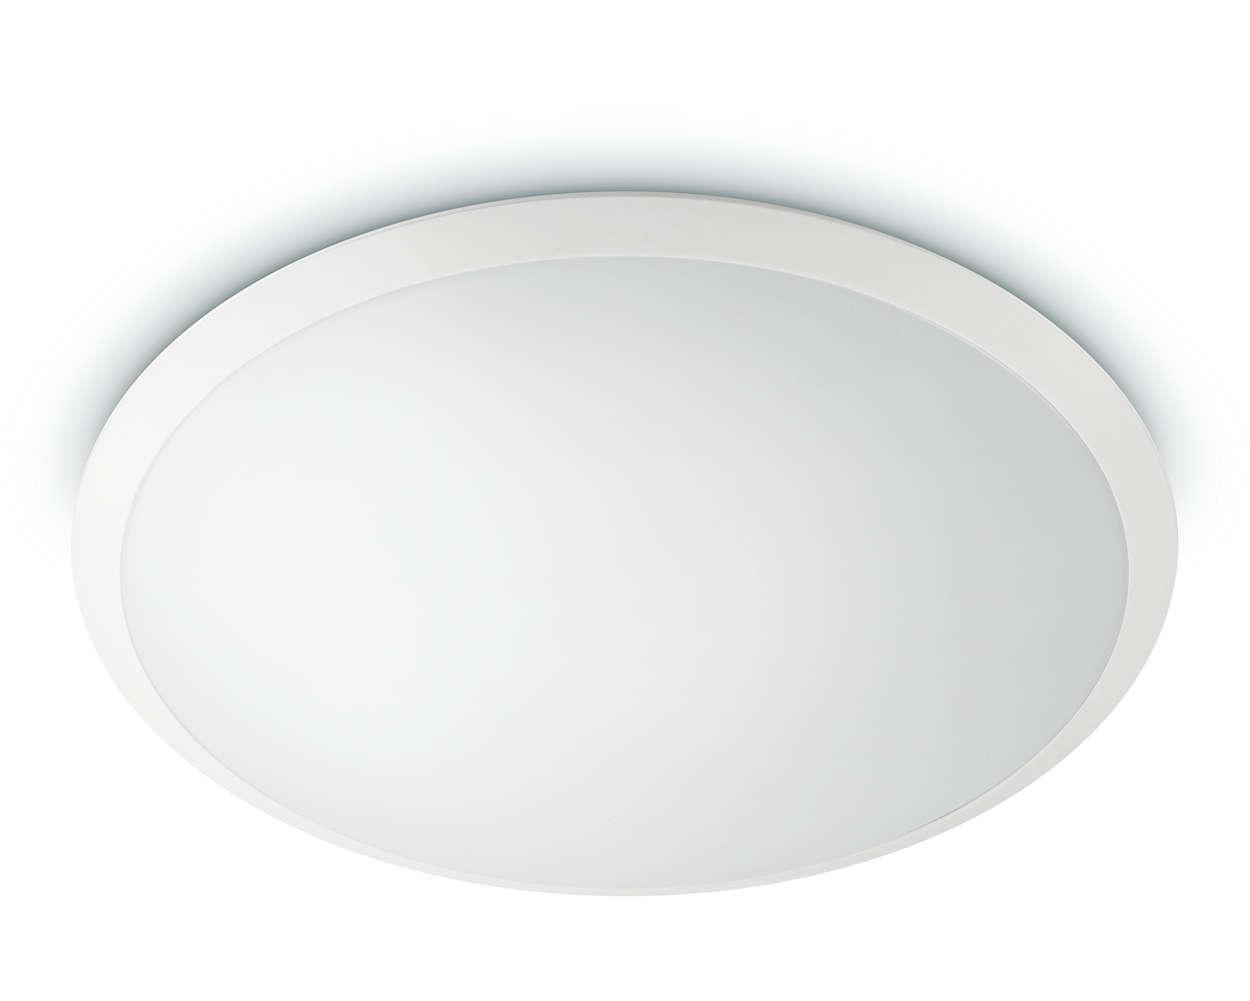 Kwaliteitsverlichting voor een knus huis